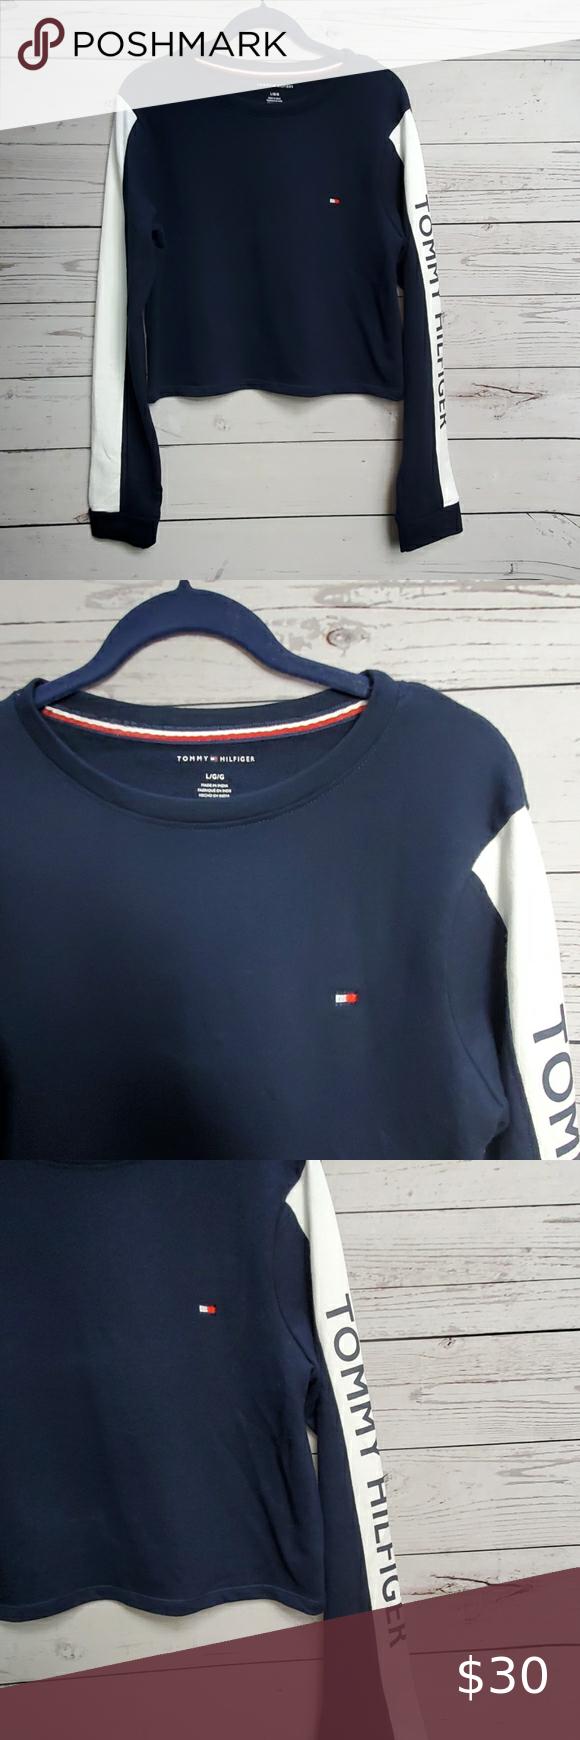 Tommy Hilfiger Cropped Sweatshirt Crop Sweatshirt Striped Sleeve Long Sleeve Sweater [ 1740 x 580 Pixel ]